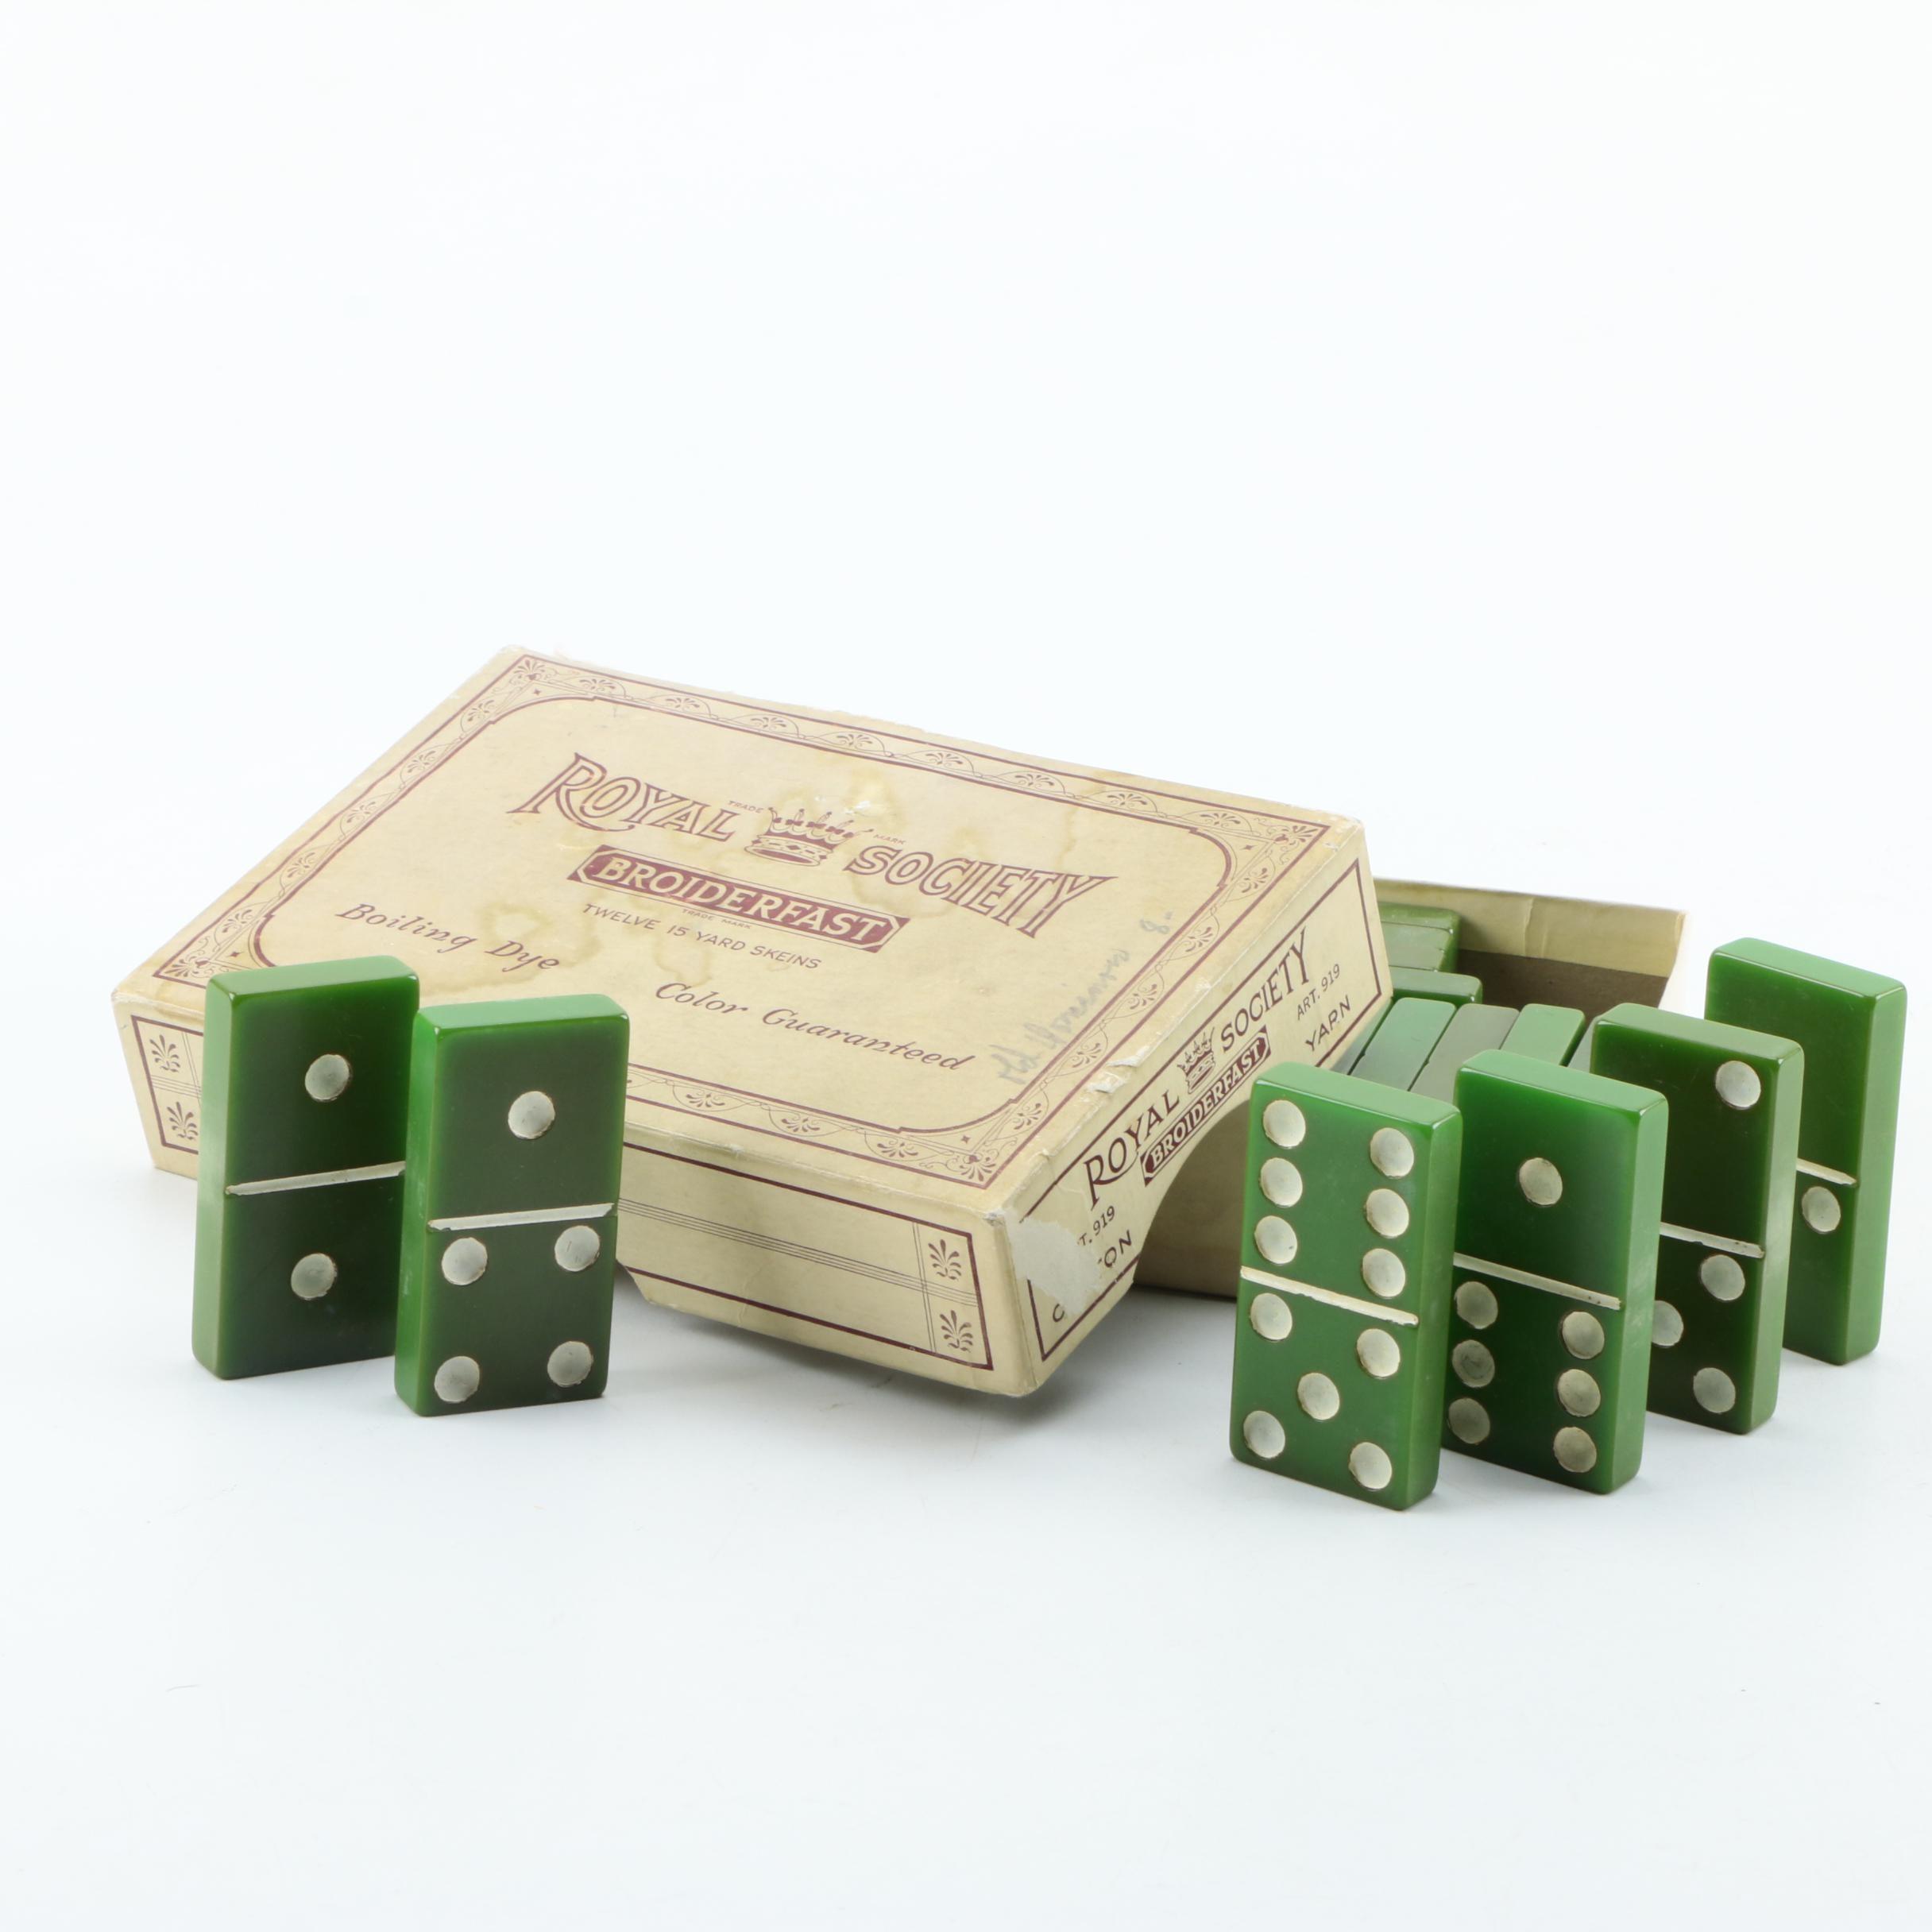 Vintage Green Catalin Bakelite Dominoes